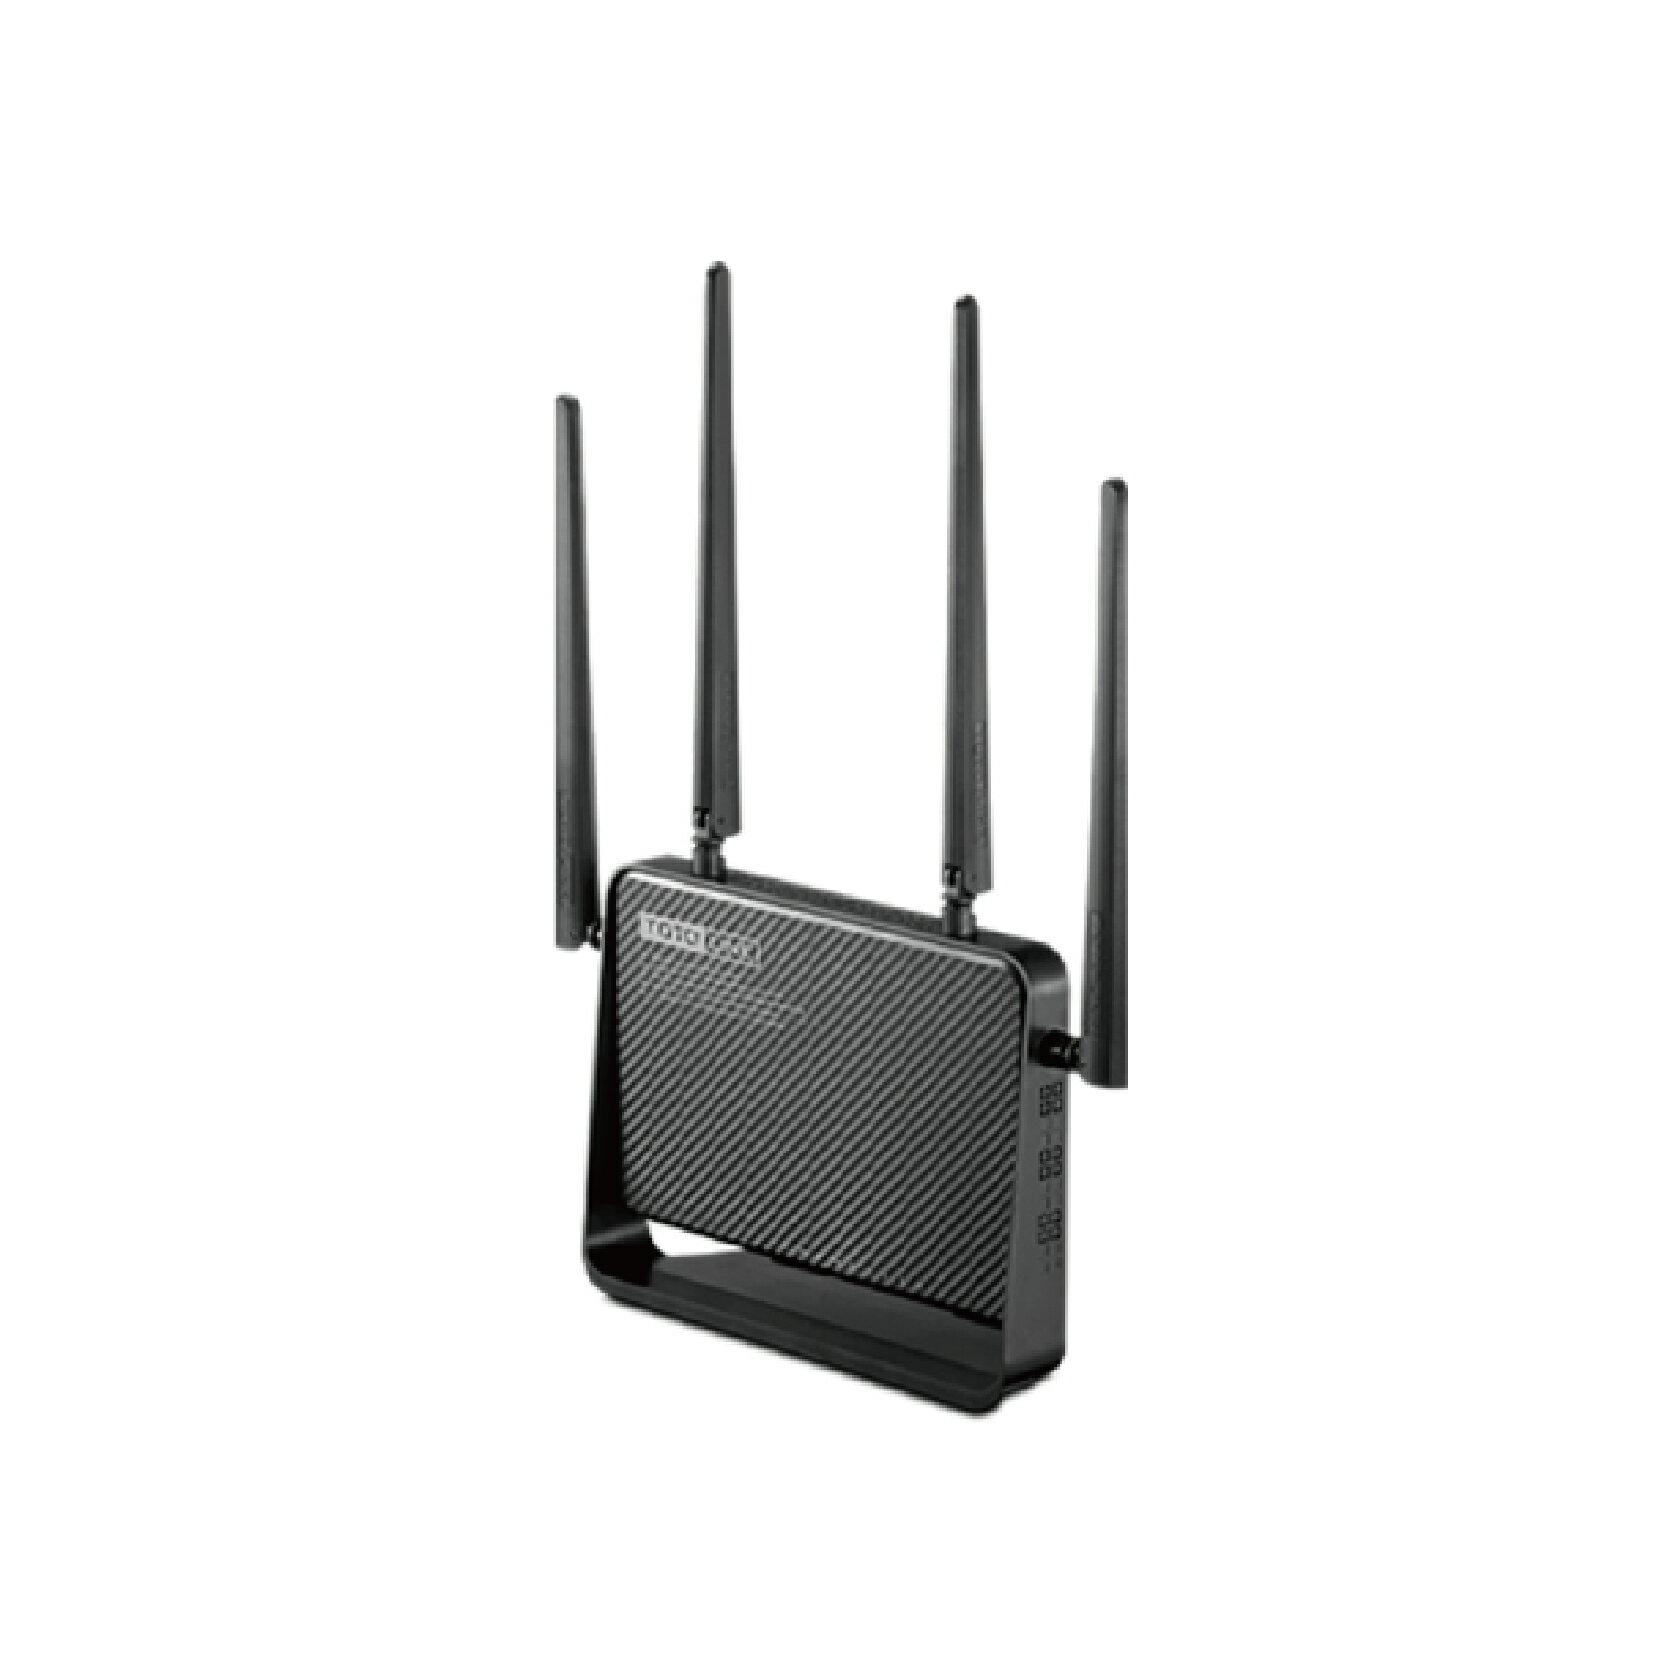 【現貨】TOTOLINK A950RG AC1200 雙頻Giga無線路由器【迪特軍】 1